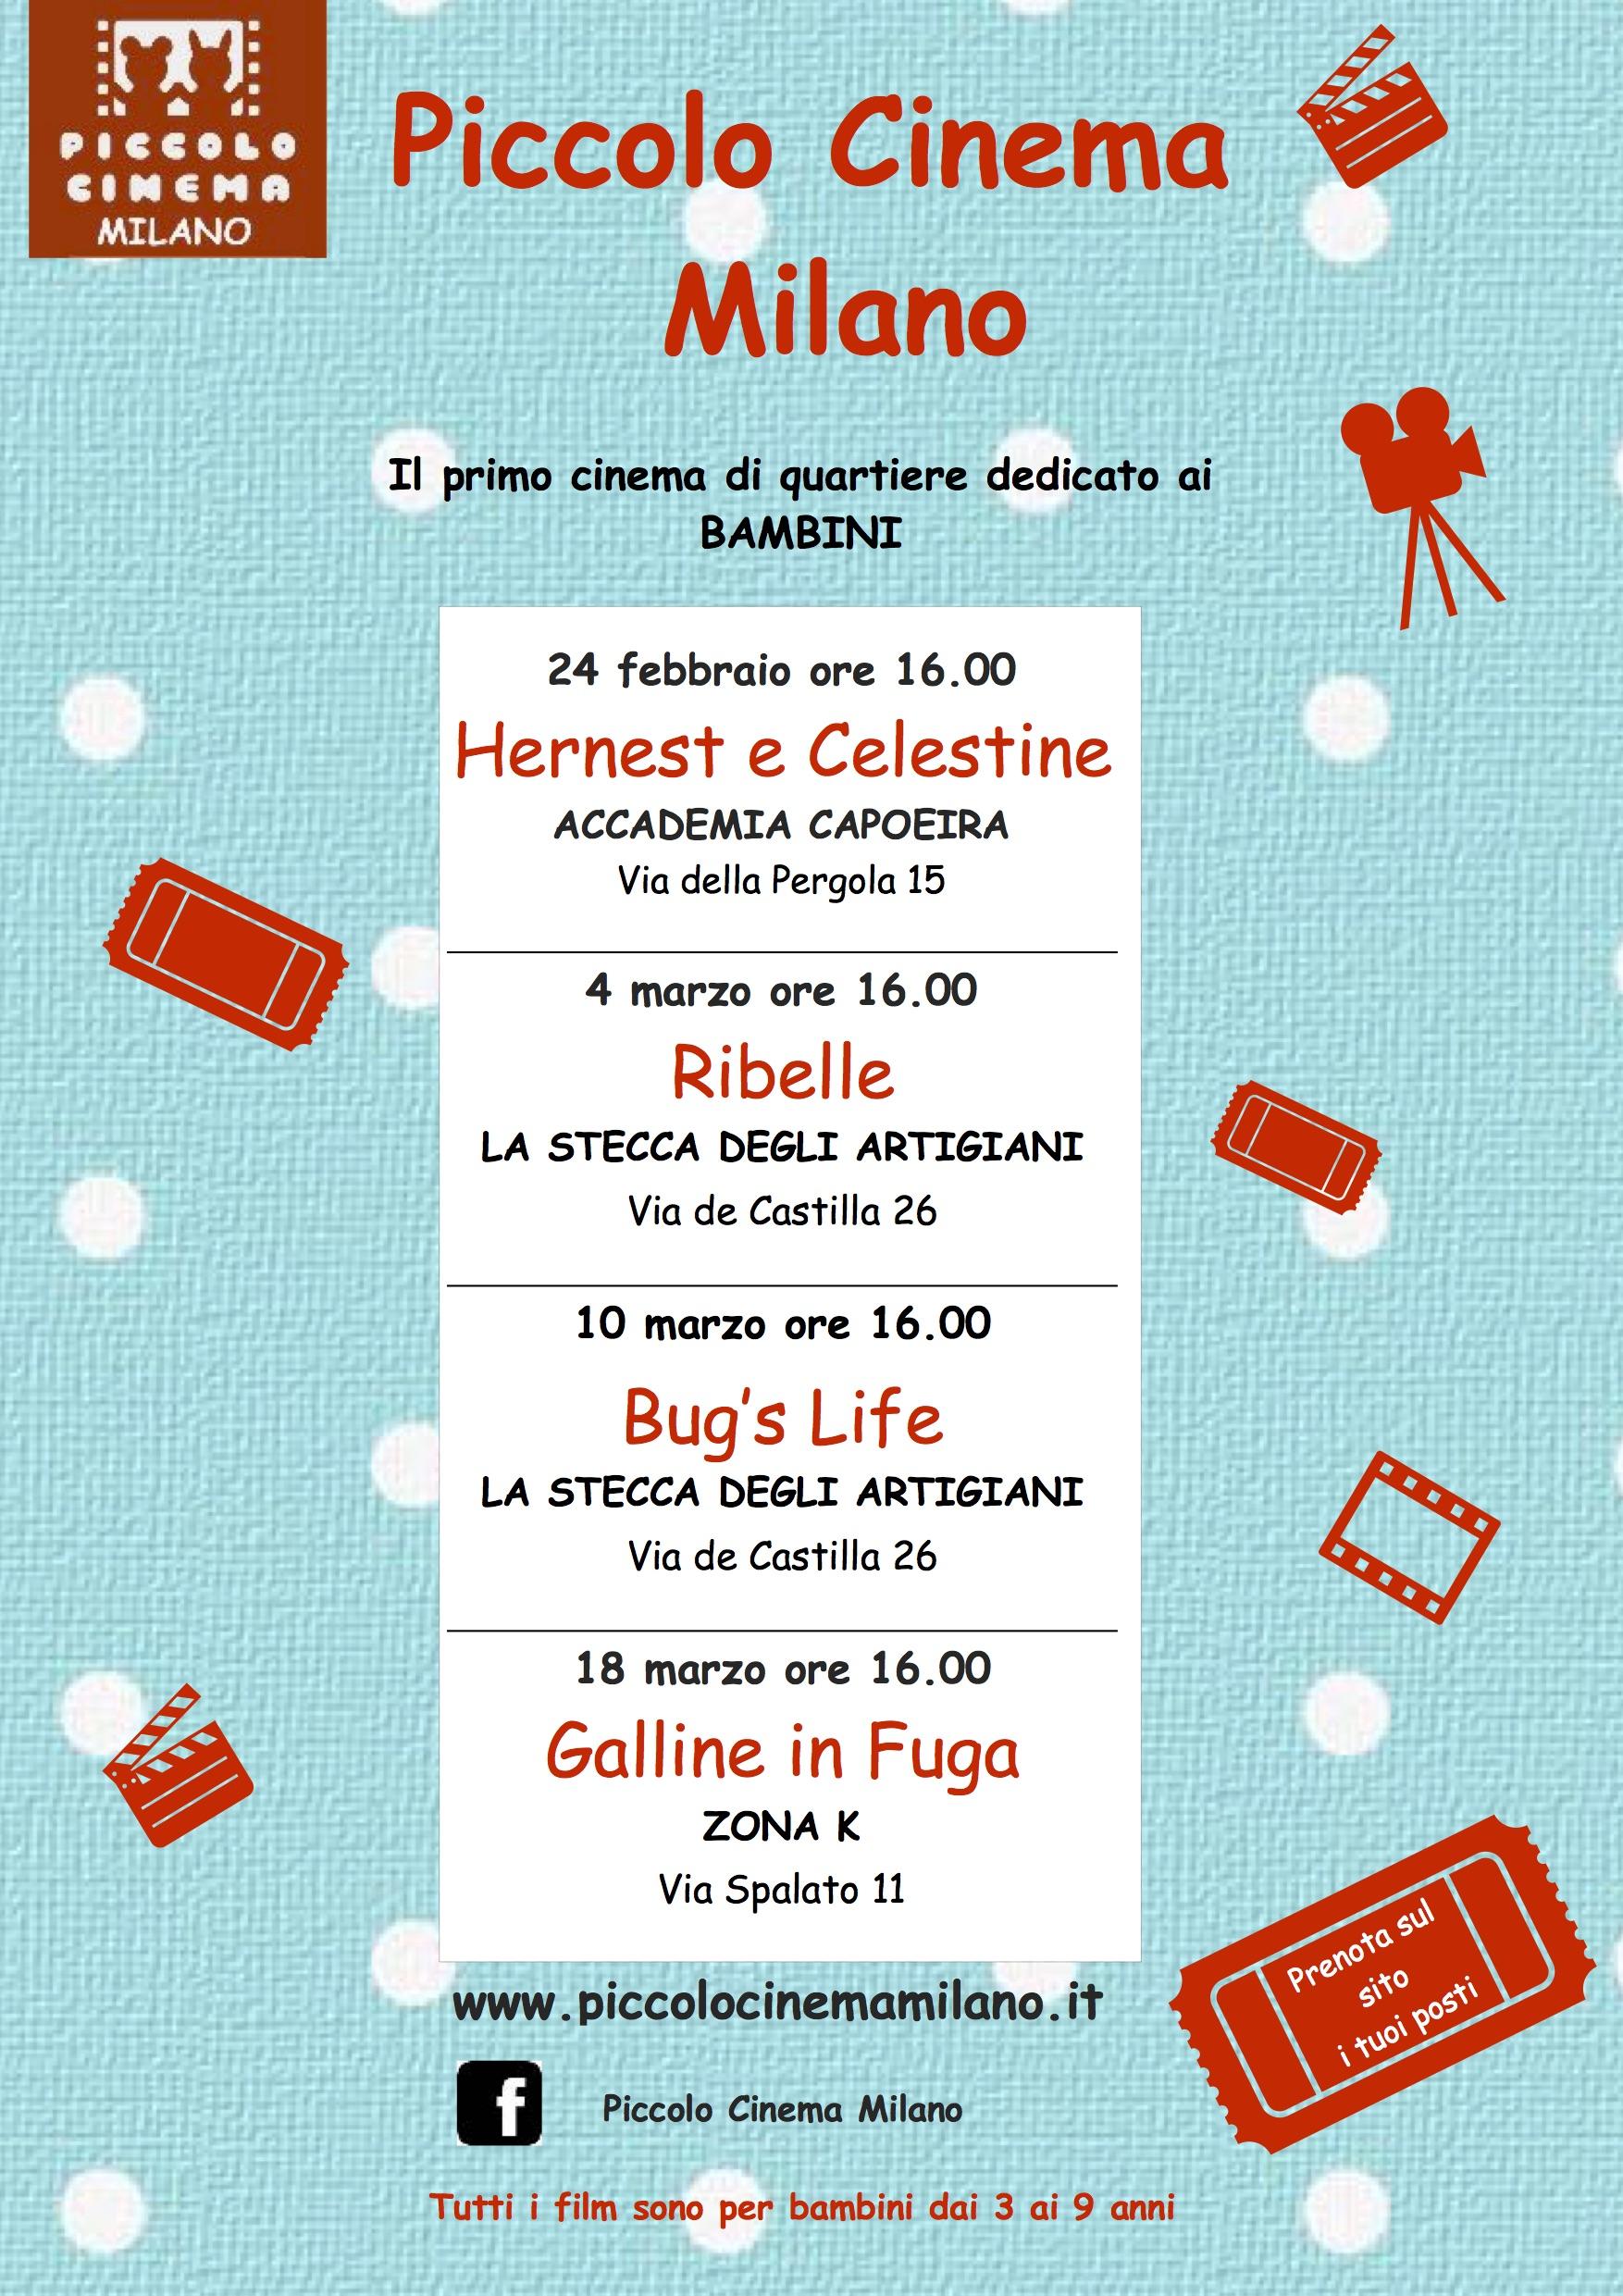 LOCANDINA-PICCOLO-CINEMA-Milano